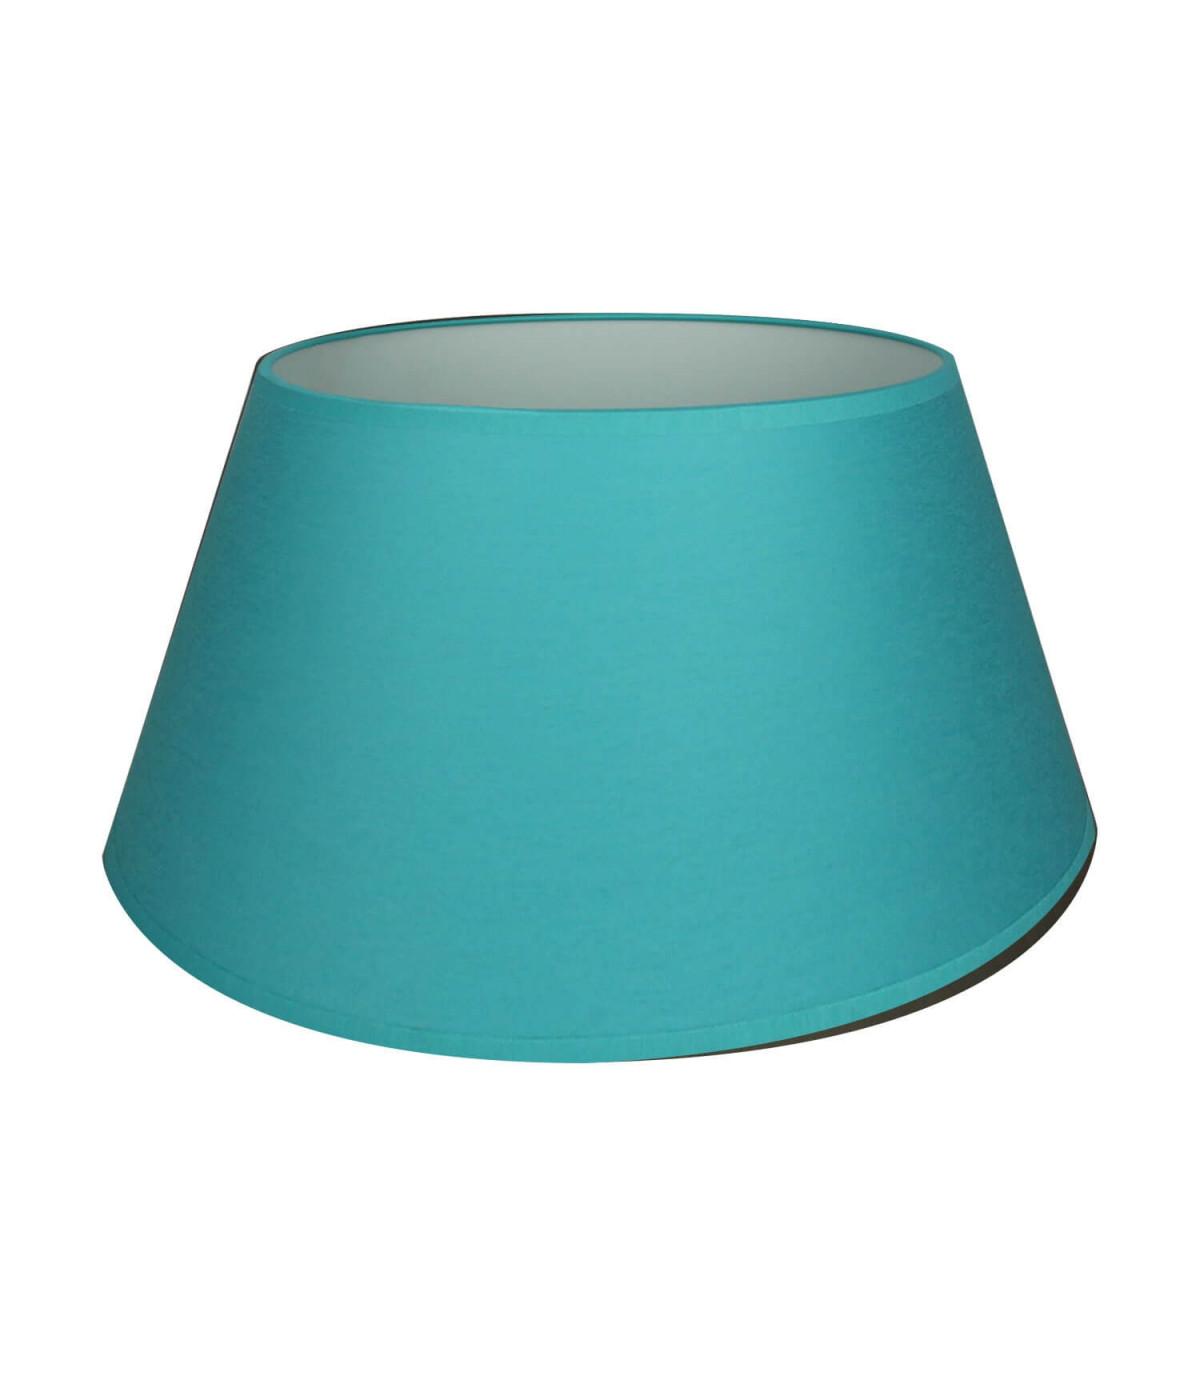 abat jour bleu Abat-jour Conique Bleu turquoise